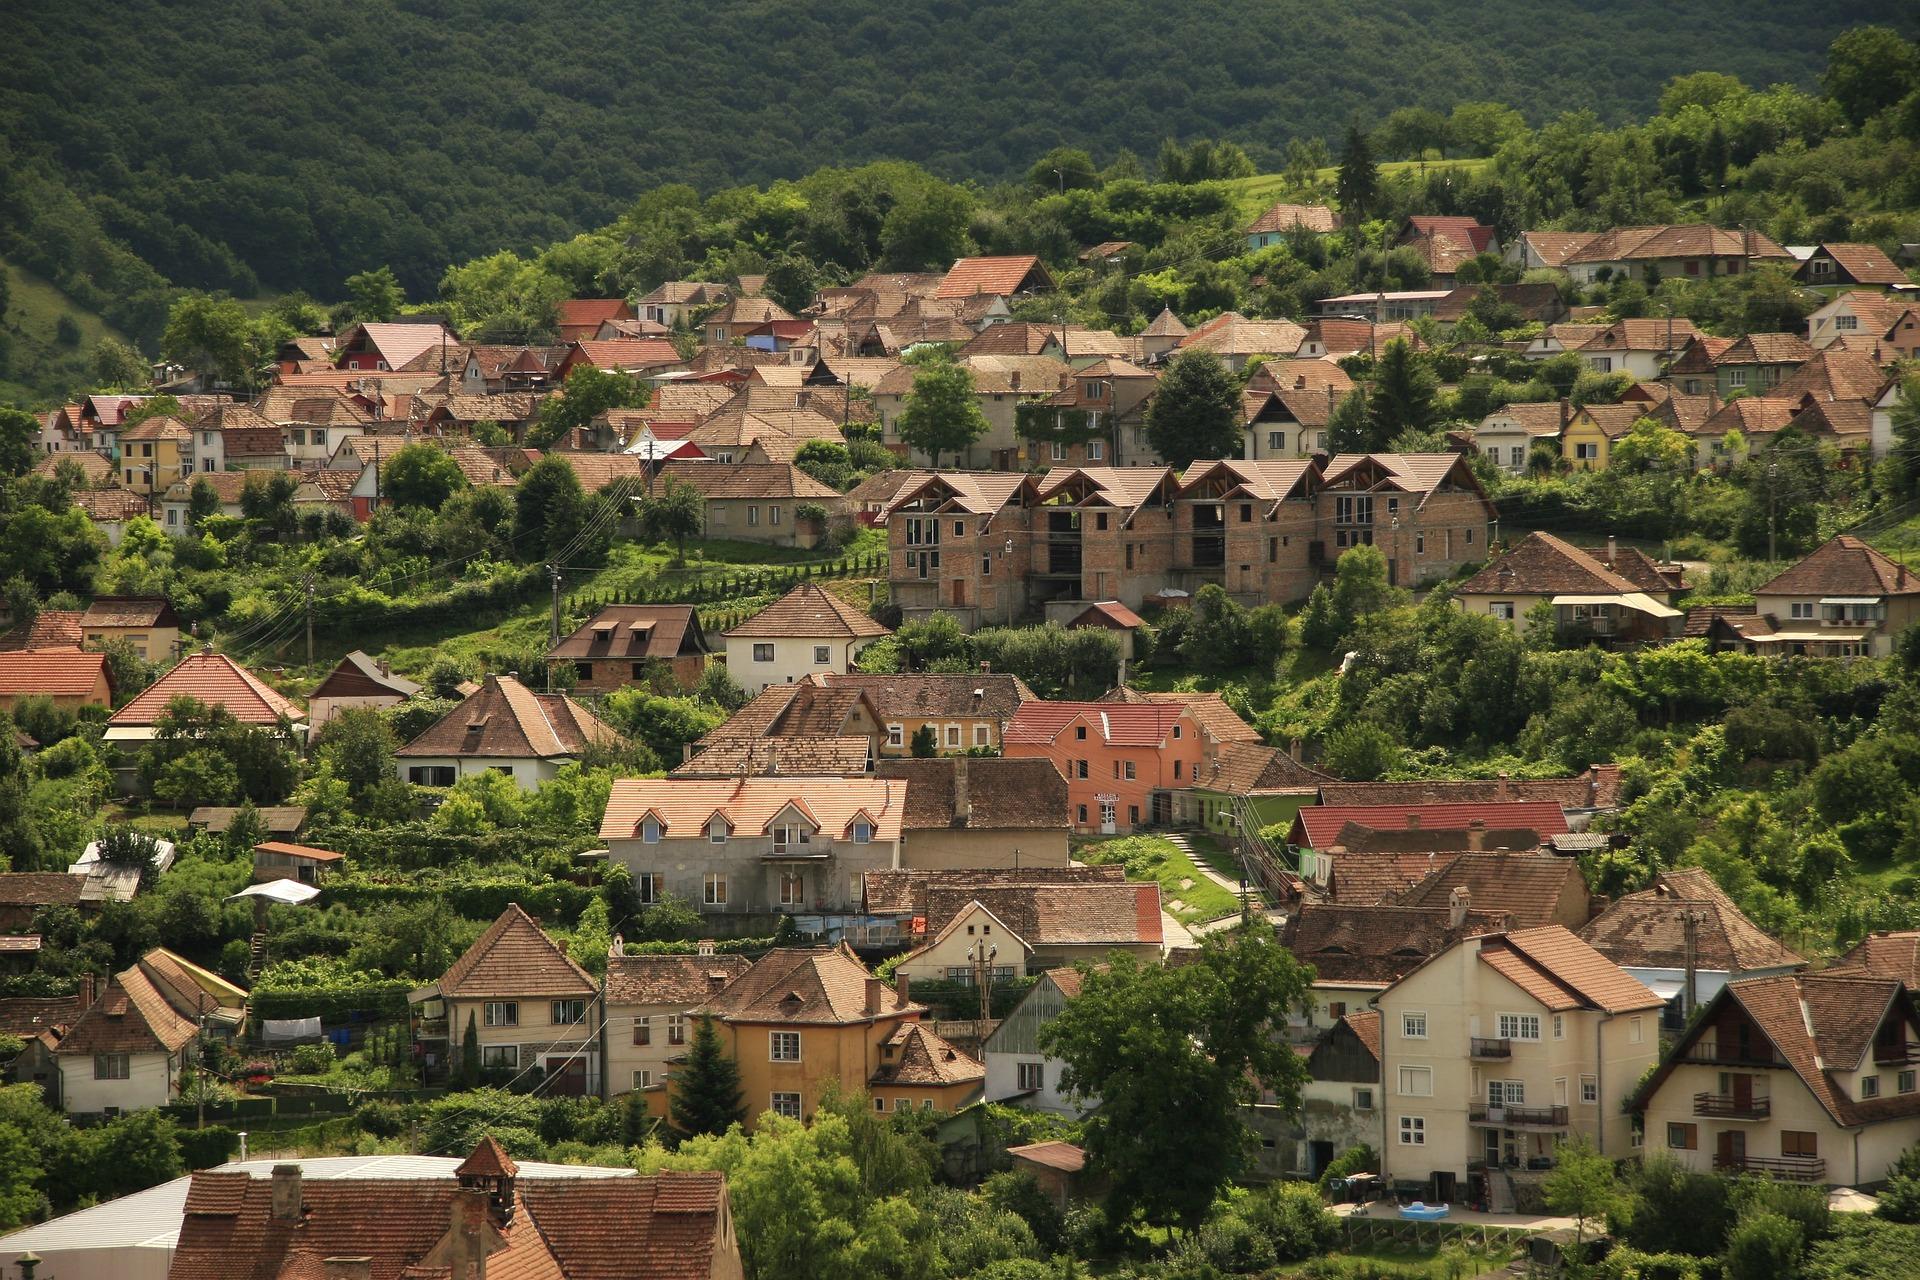 village-828810_1920